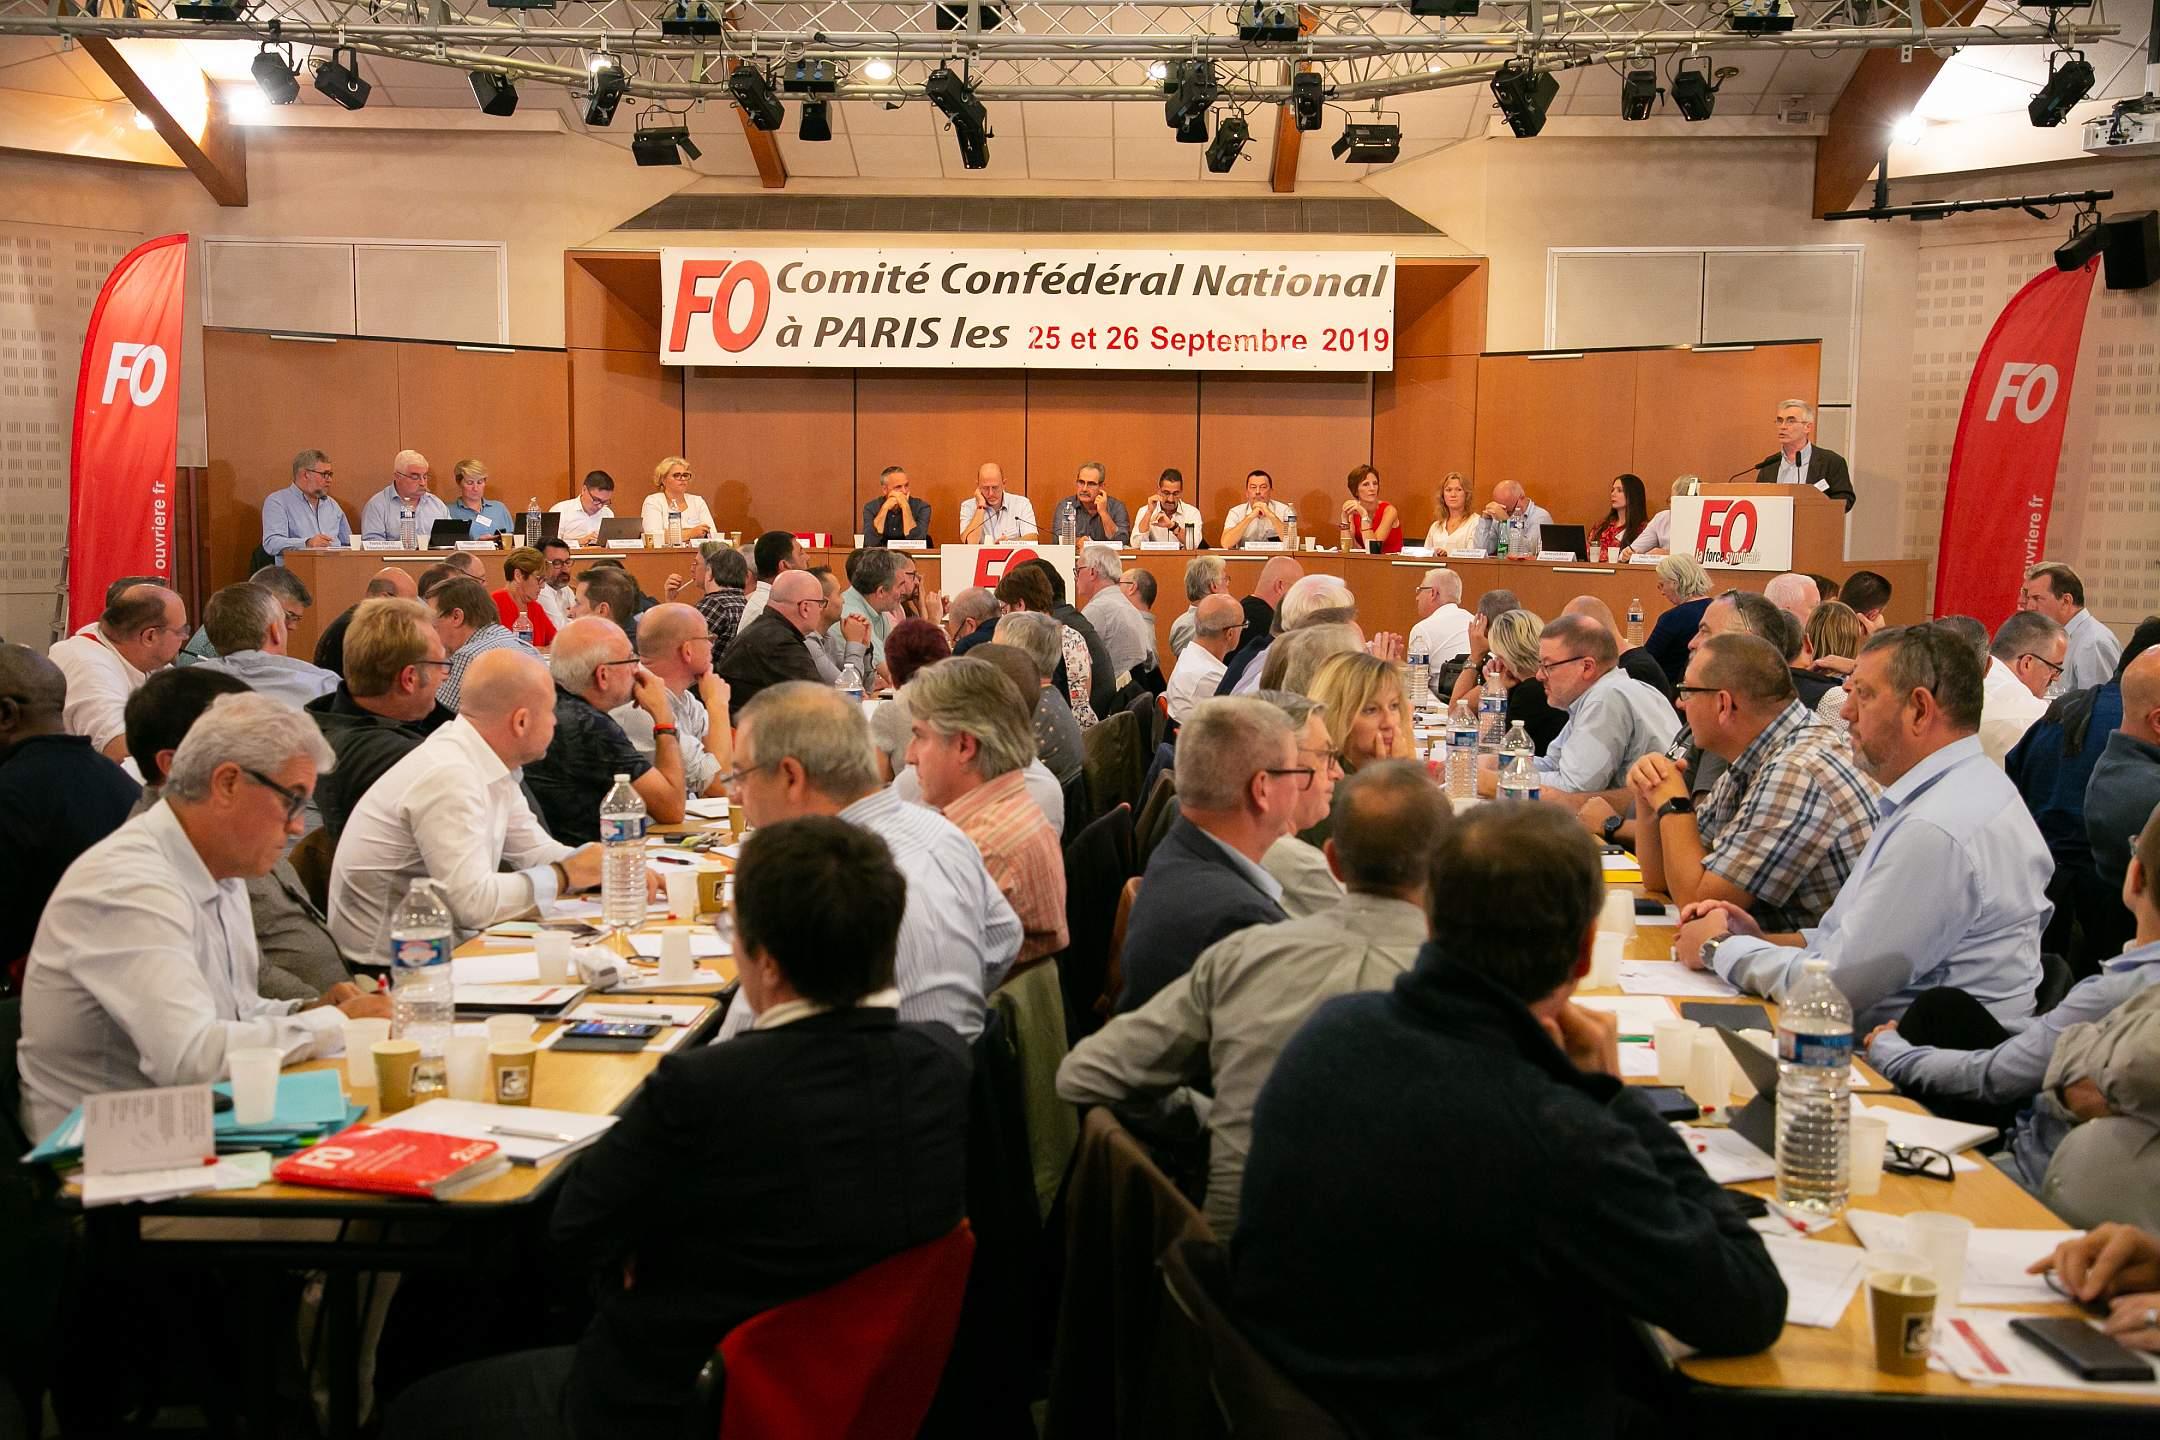 Le CCN de FO propose de rejoindre par un appel interprofessionnel, la grève unie des syndicats de la RATP et des transports à compter du 5 12 prochain pour le retrait du projet Macron/Delevoye